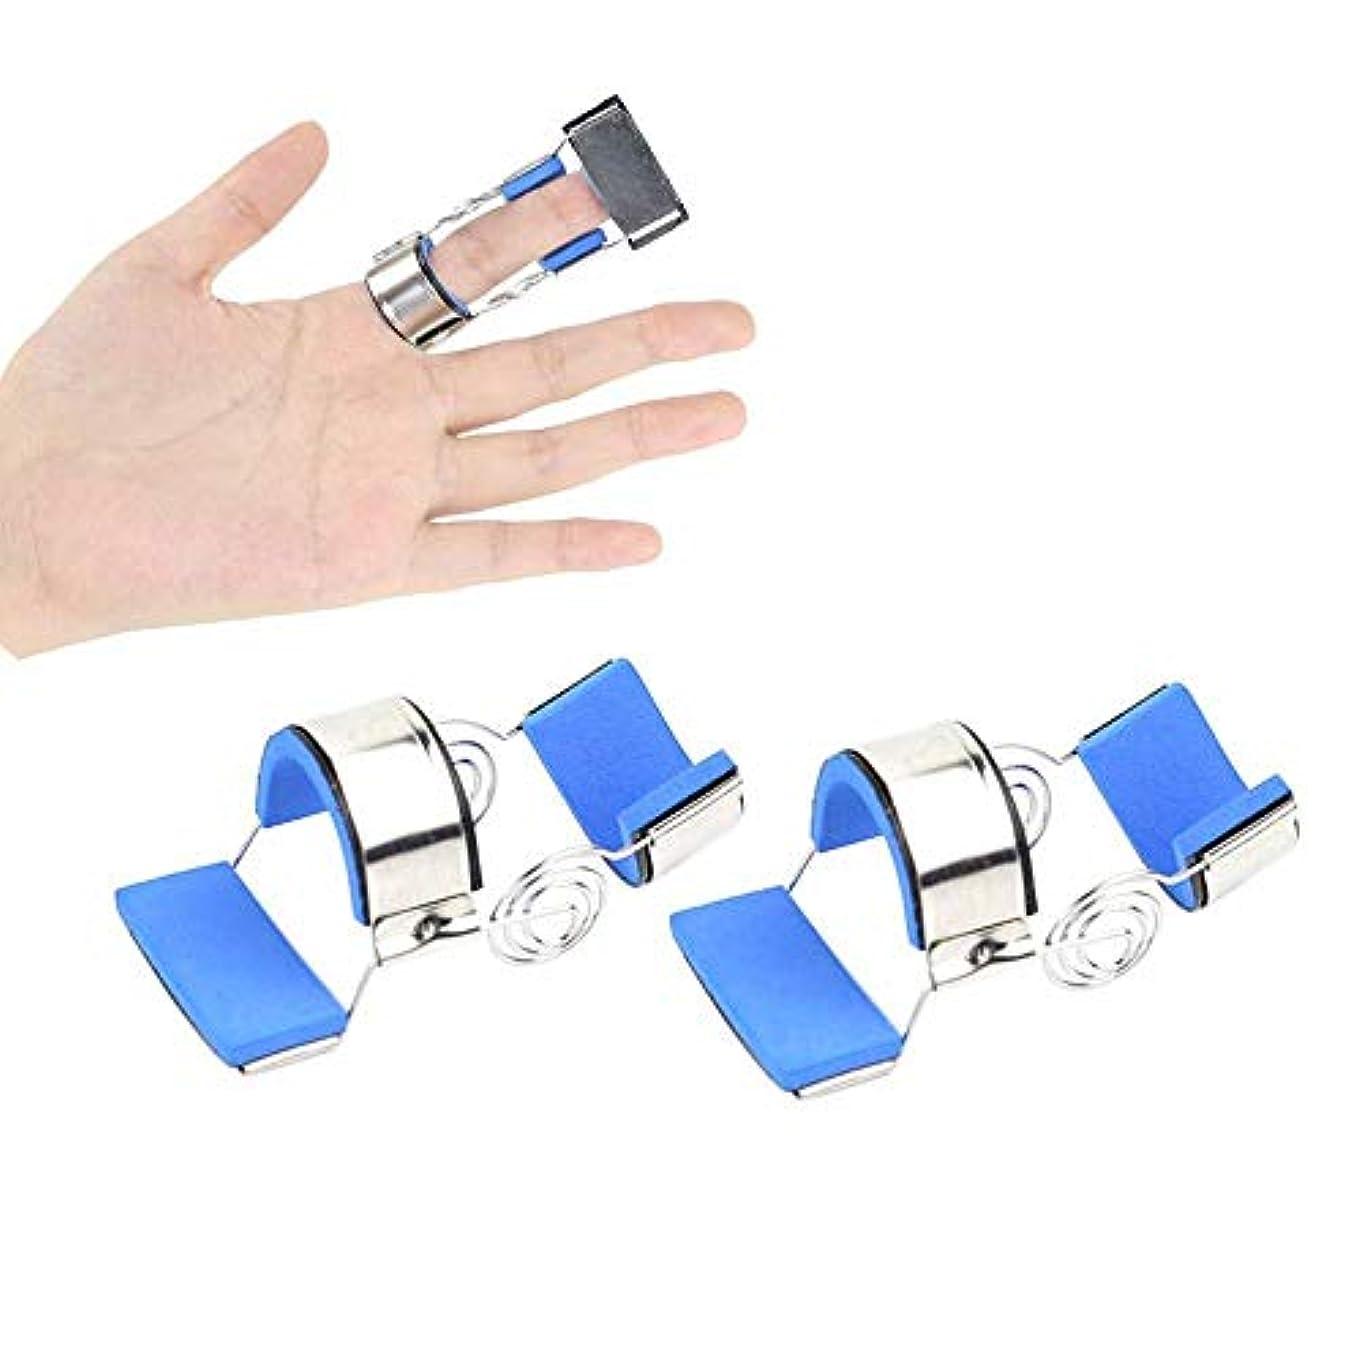 特徴づける十分りんご指の負傷サポート、骨折固定スプリント関節炎圧痛緩和リハビリテーション訓練,M